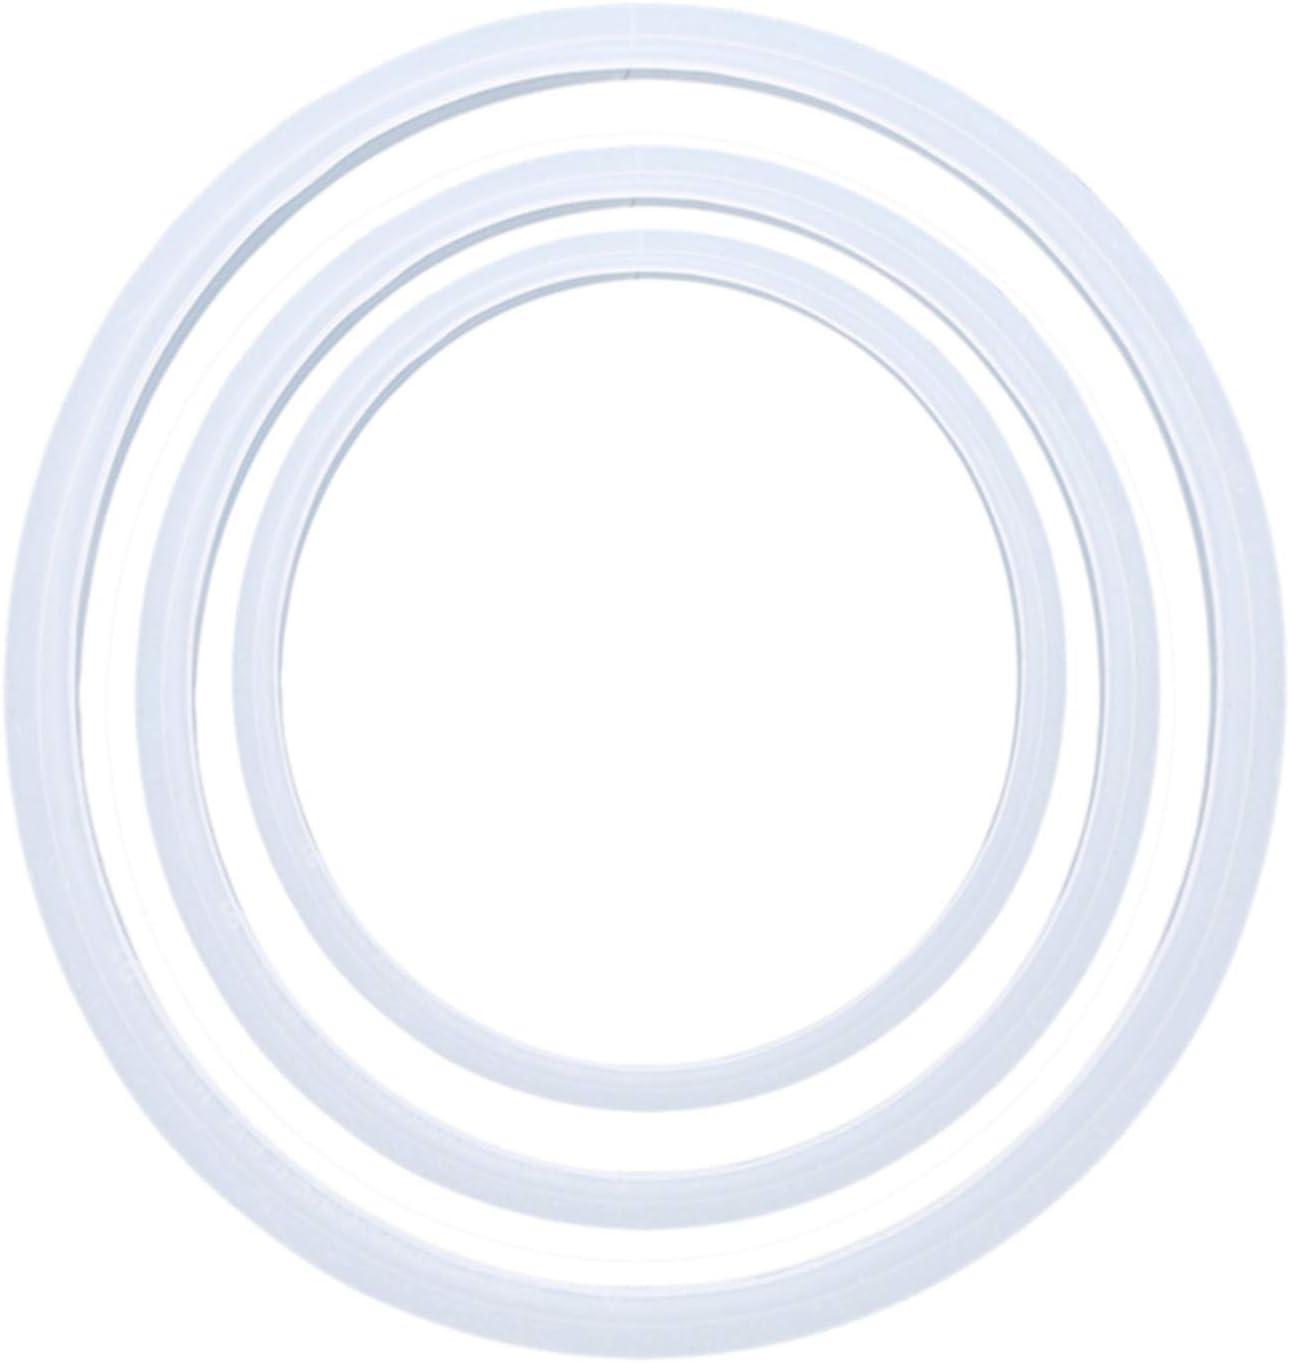 Aiasiry Pi/èces De Rechange De Joint De Cuiseur /À Pression De Silicone De Cuisine pour La Mijoteuse Transparente 18Cm